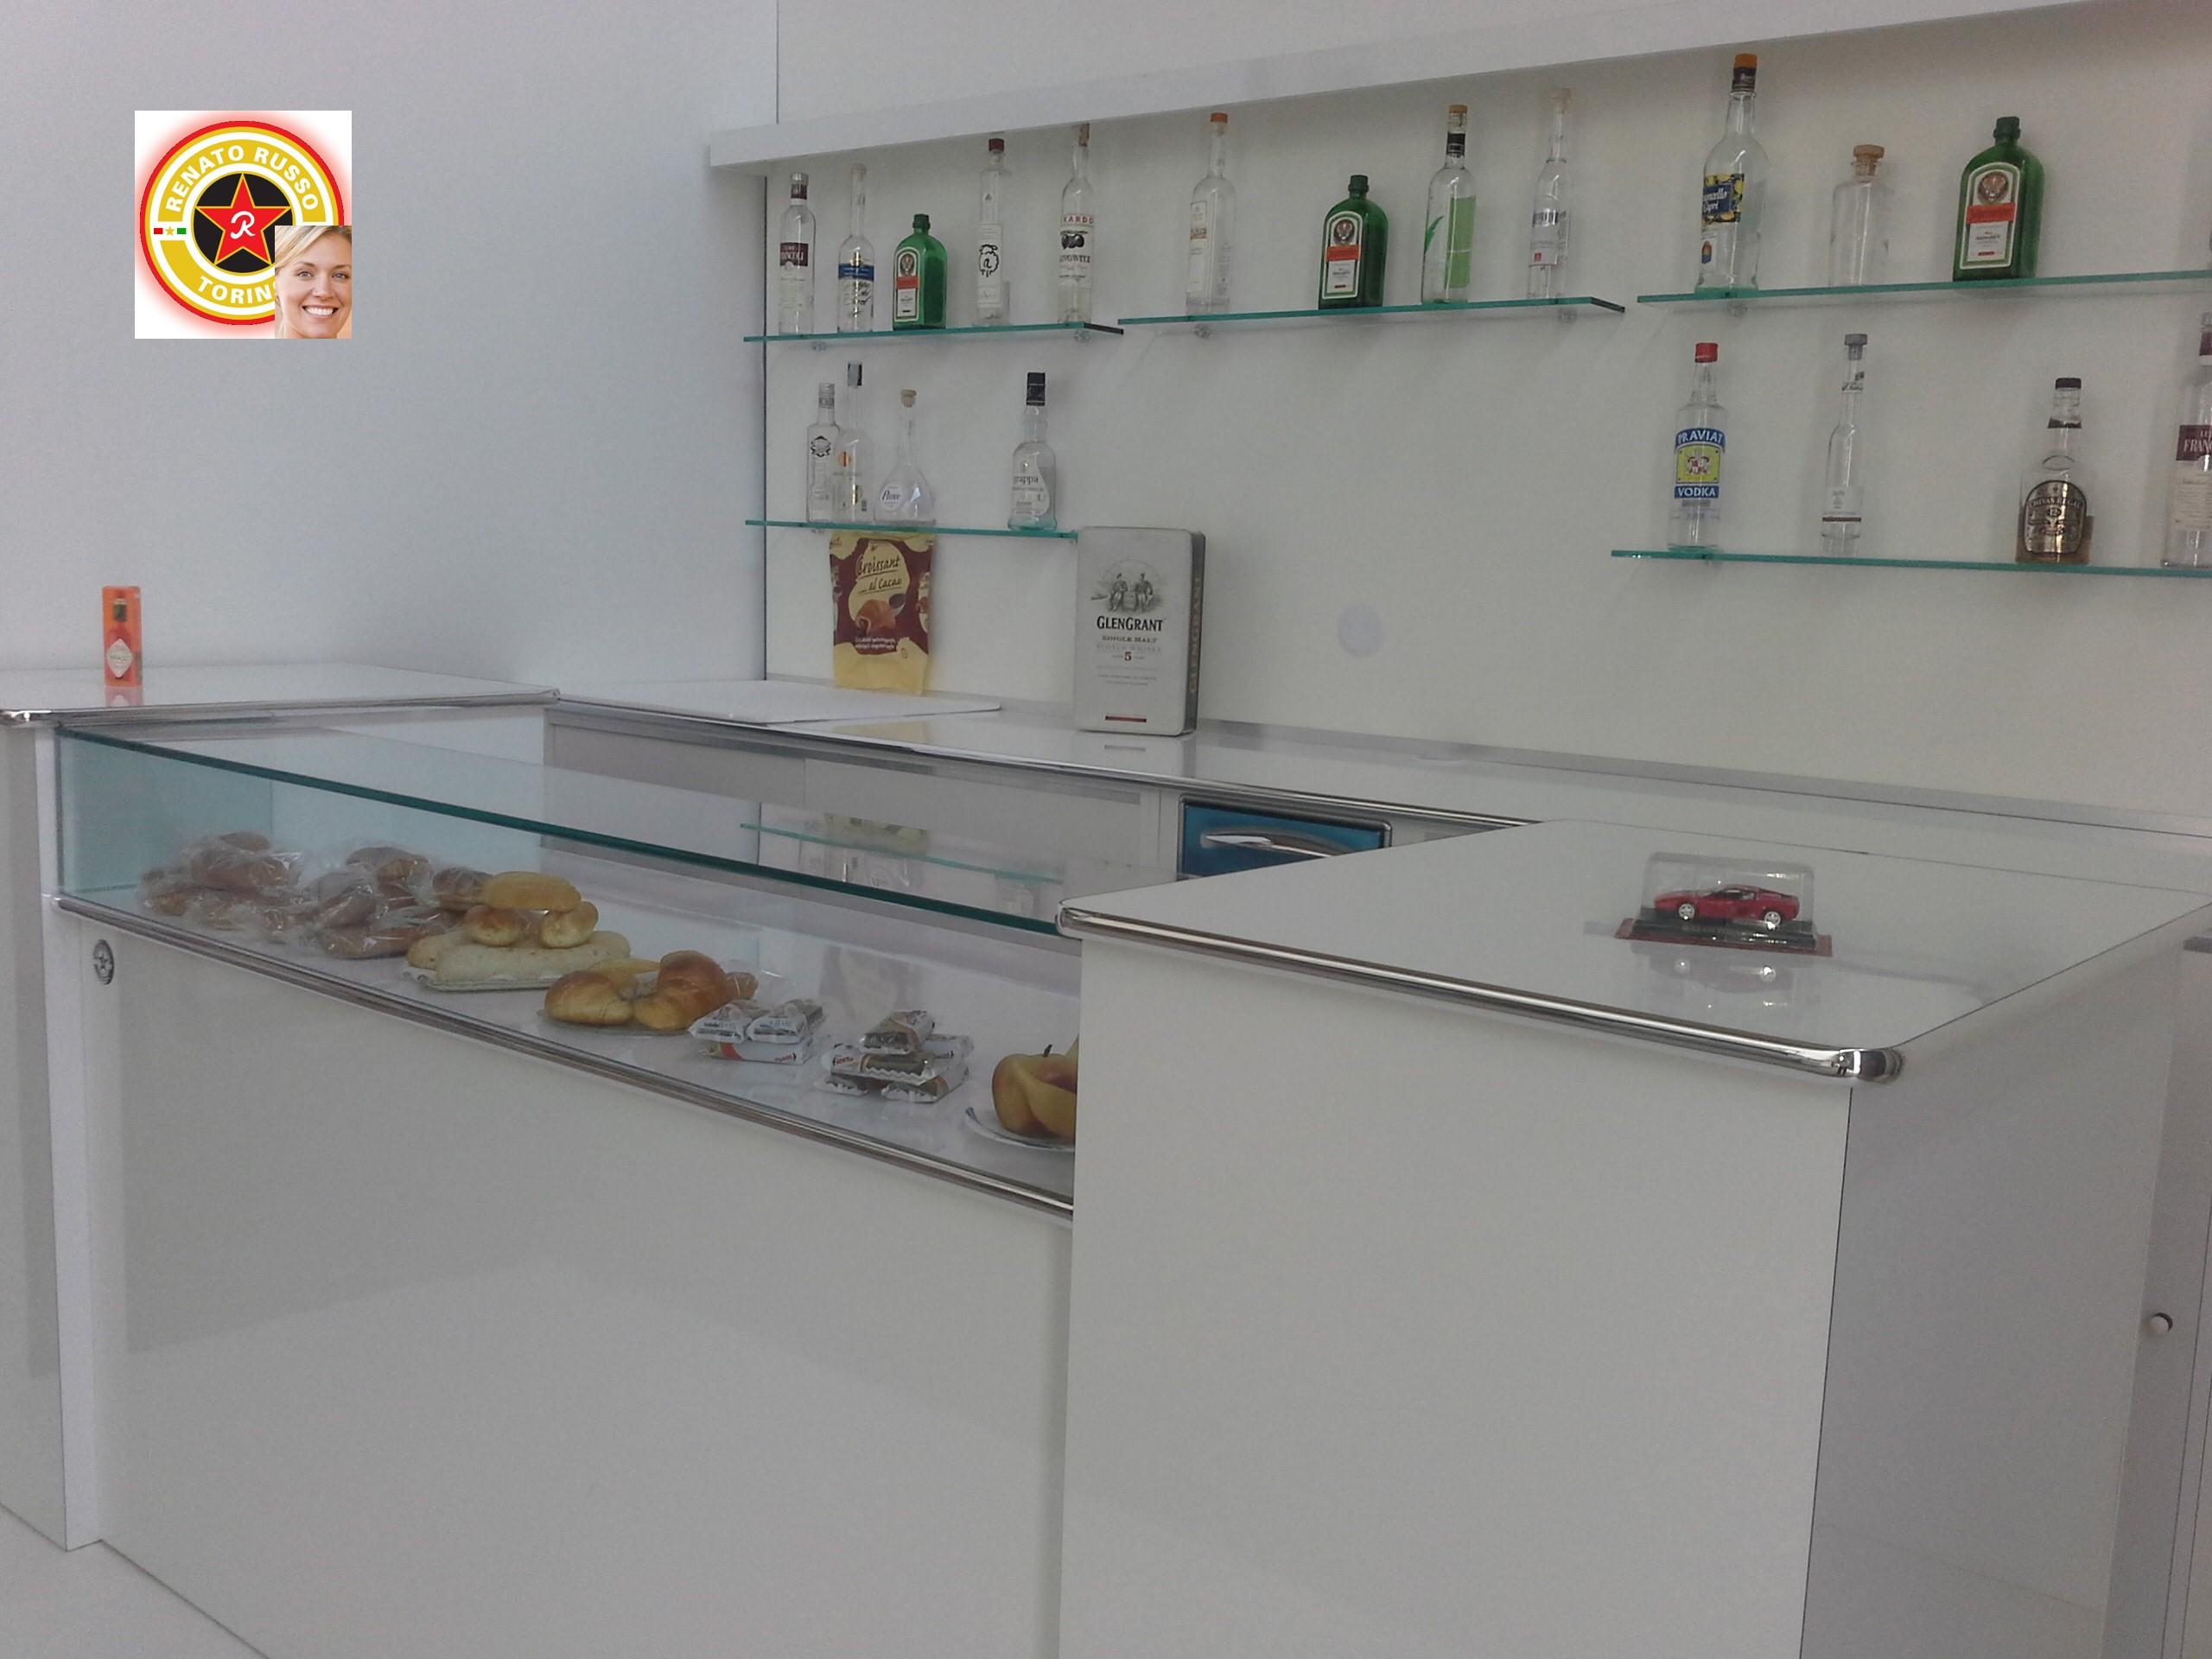 Banco bar milano compra in fabbrica banchi bar for Renato russo arredamenti